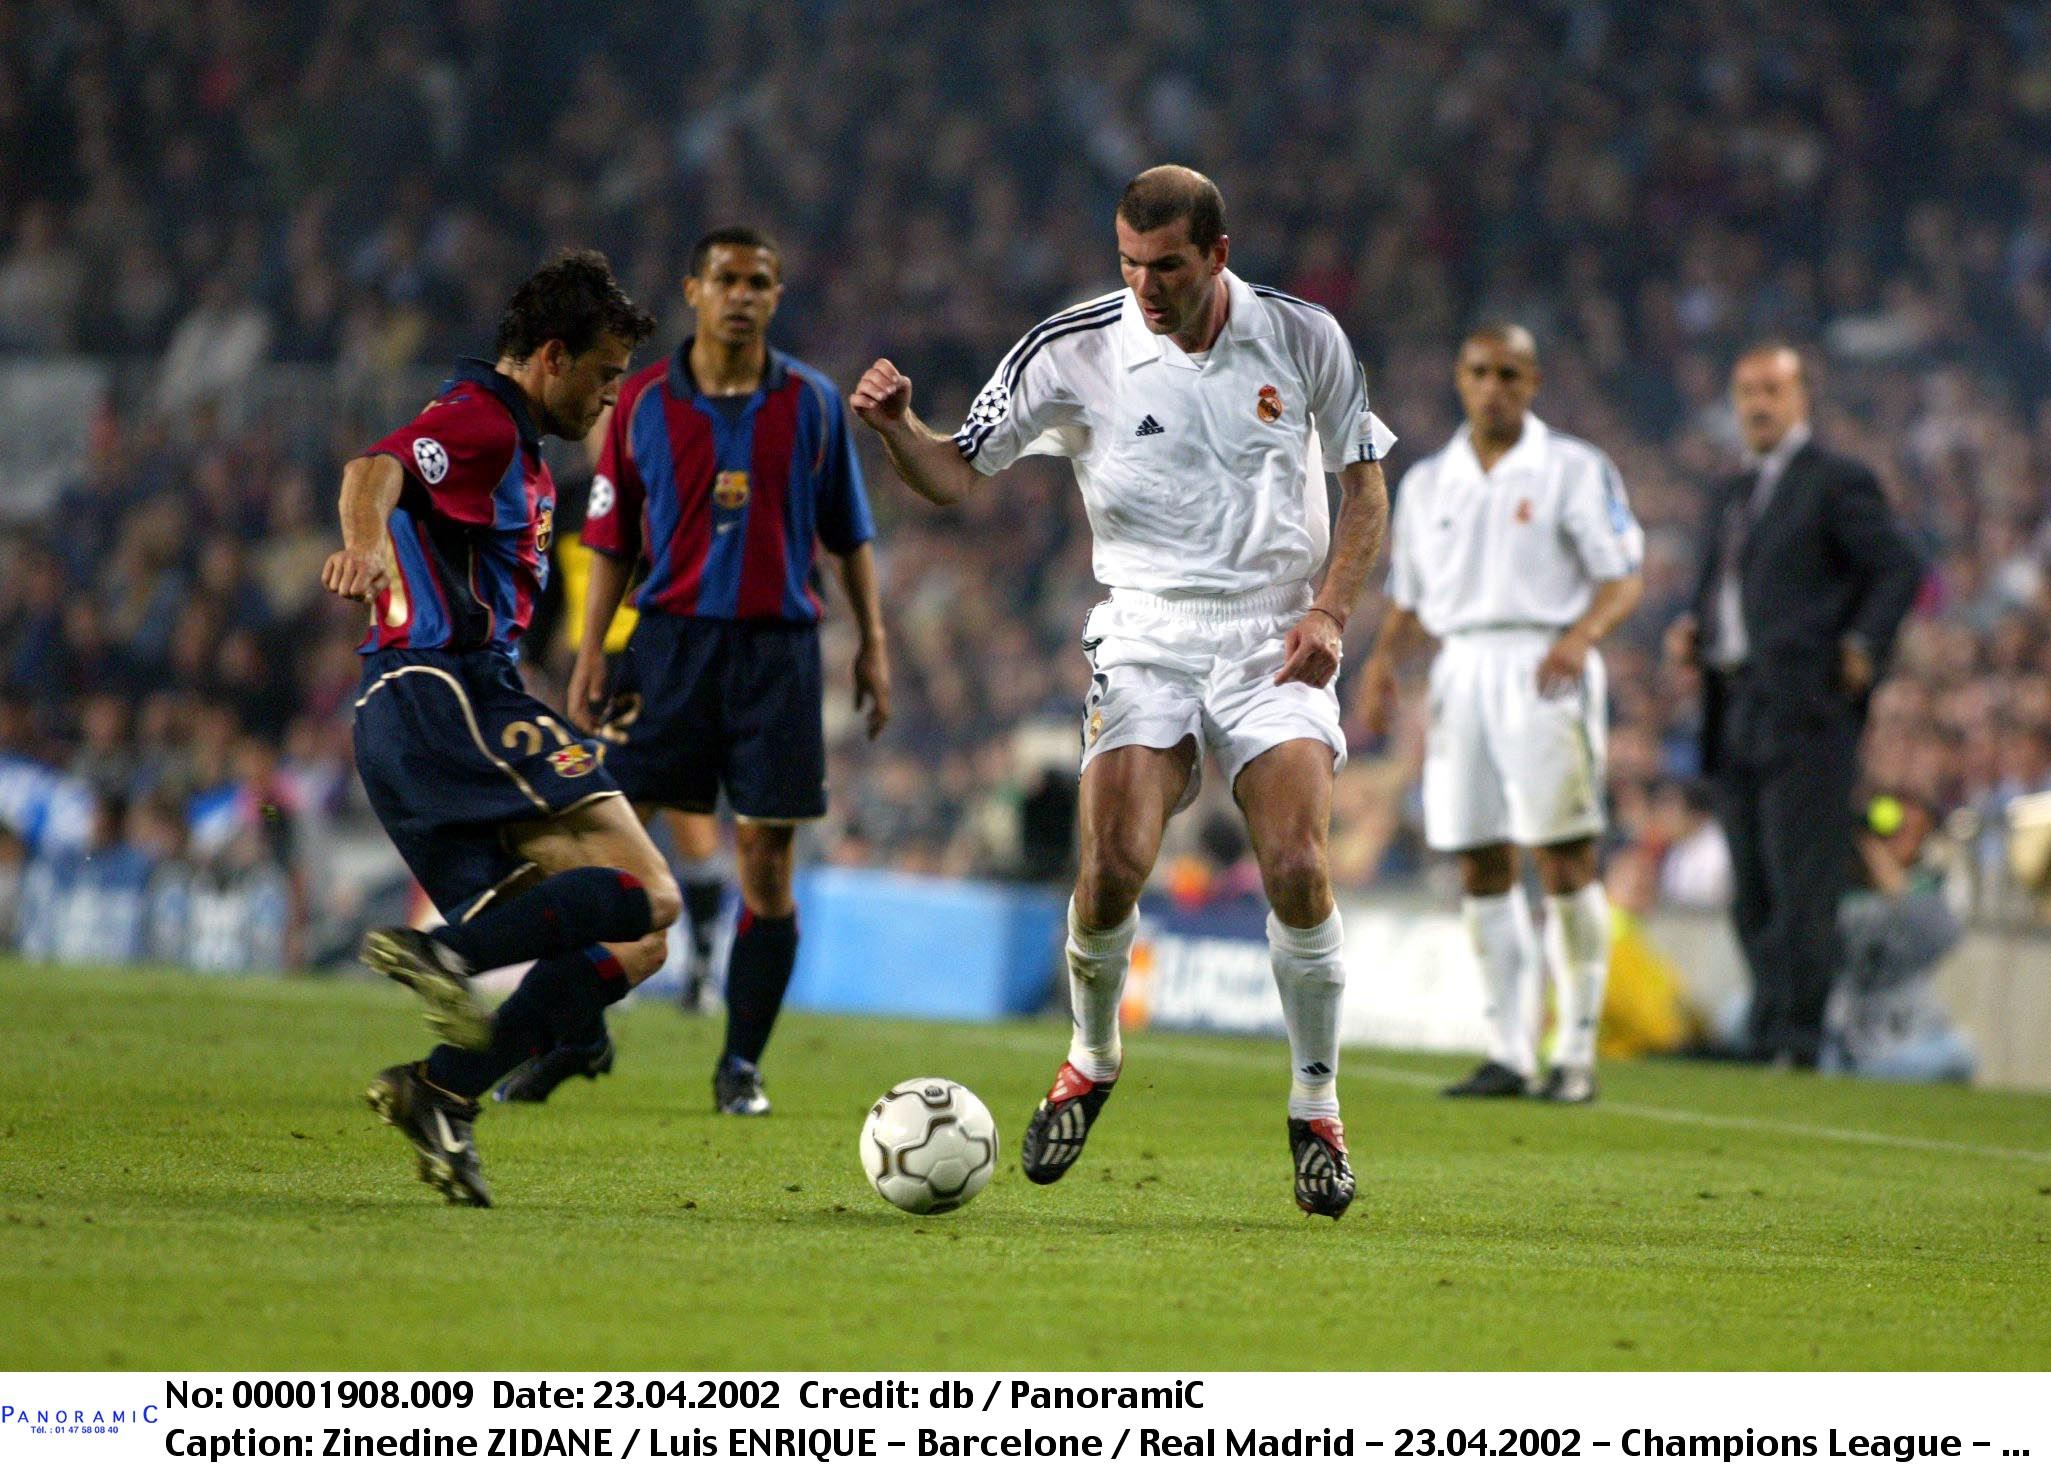 Football - Ligue des champions - C'est arrivé un 23 avril : le jour où le Real mettait fin à 19 ans sans victoire au Camp Nou